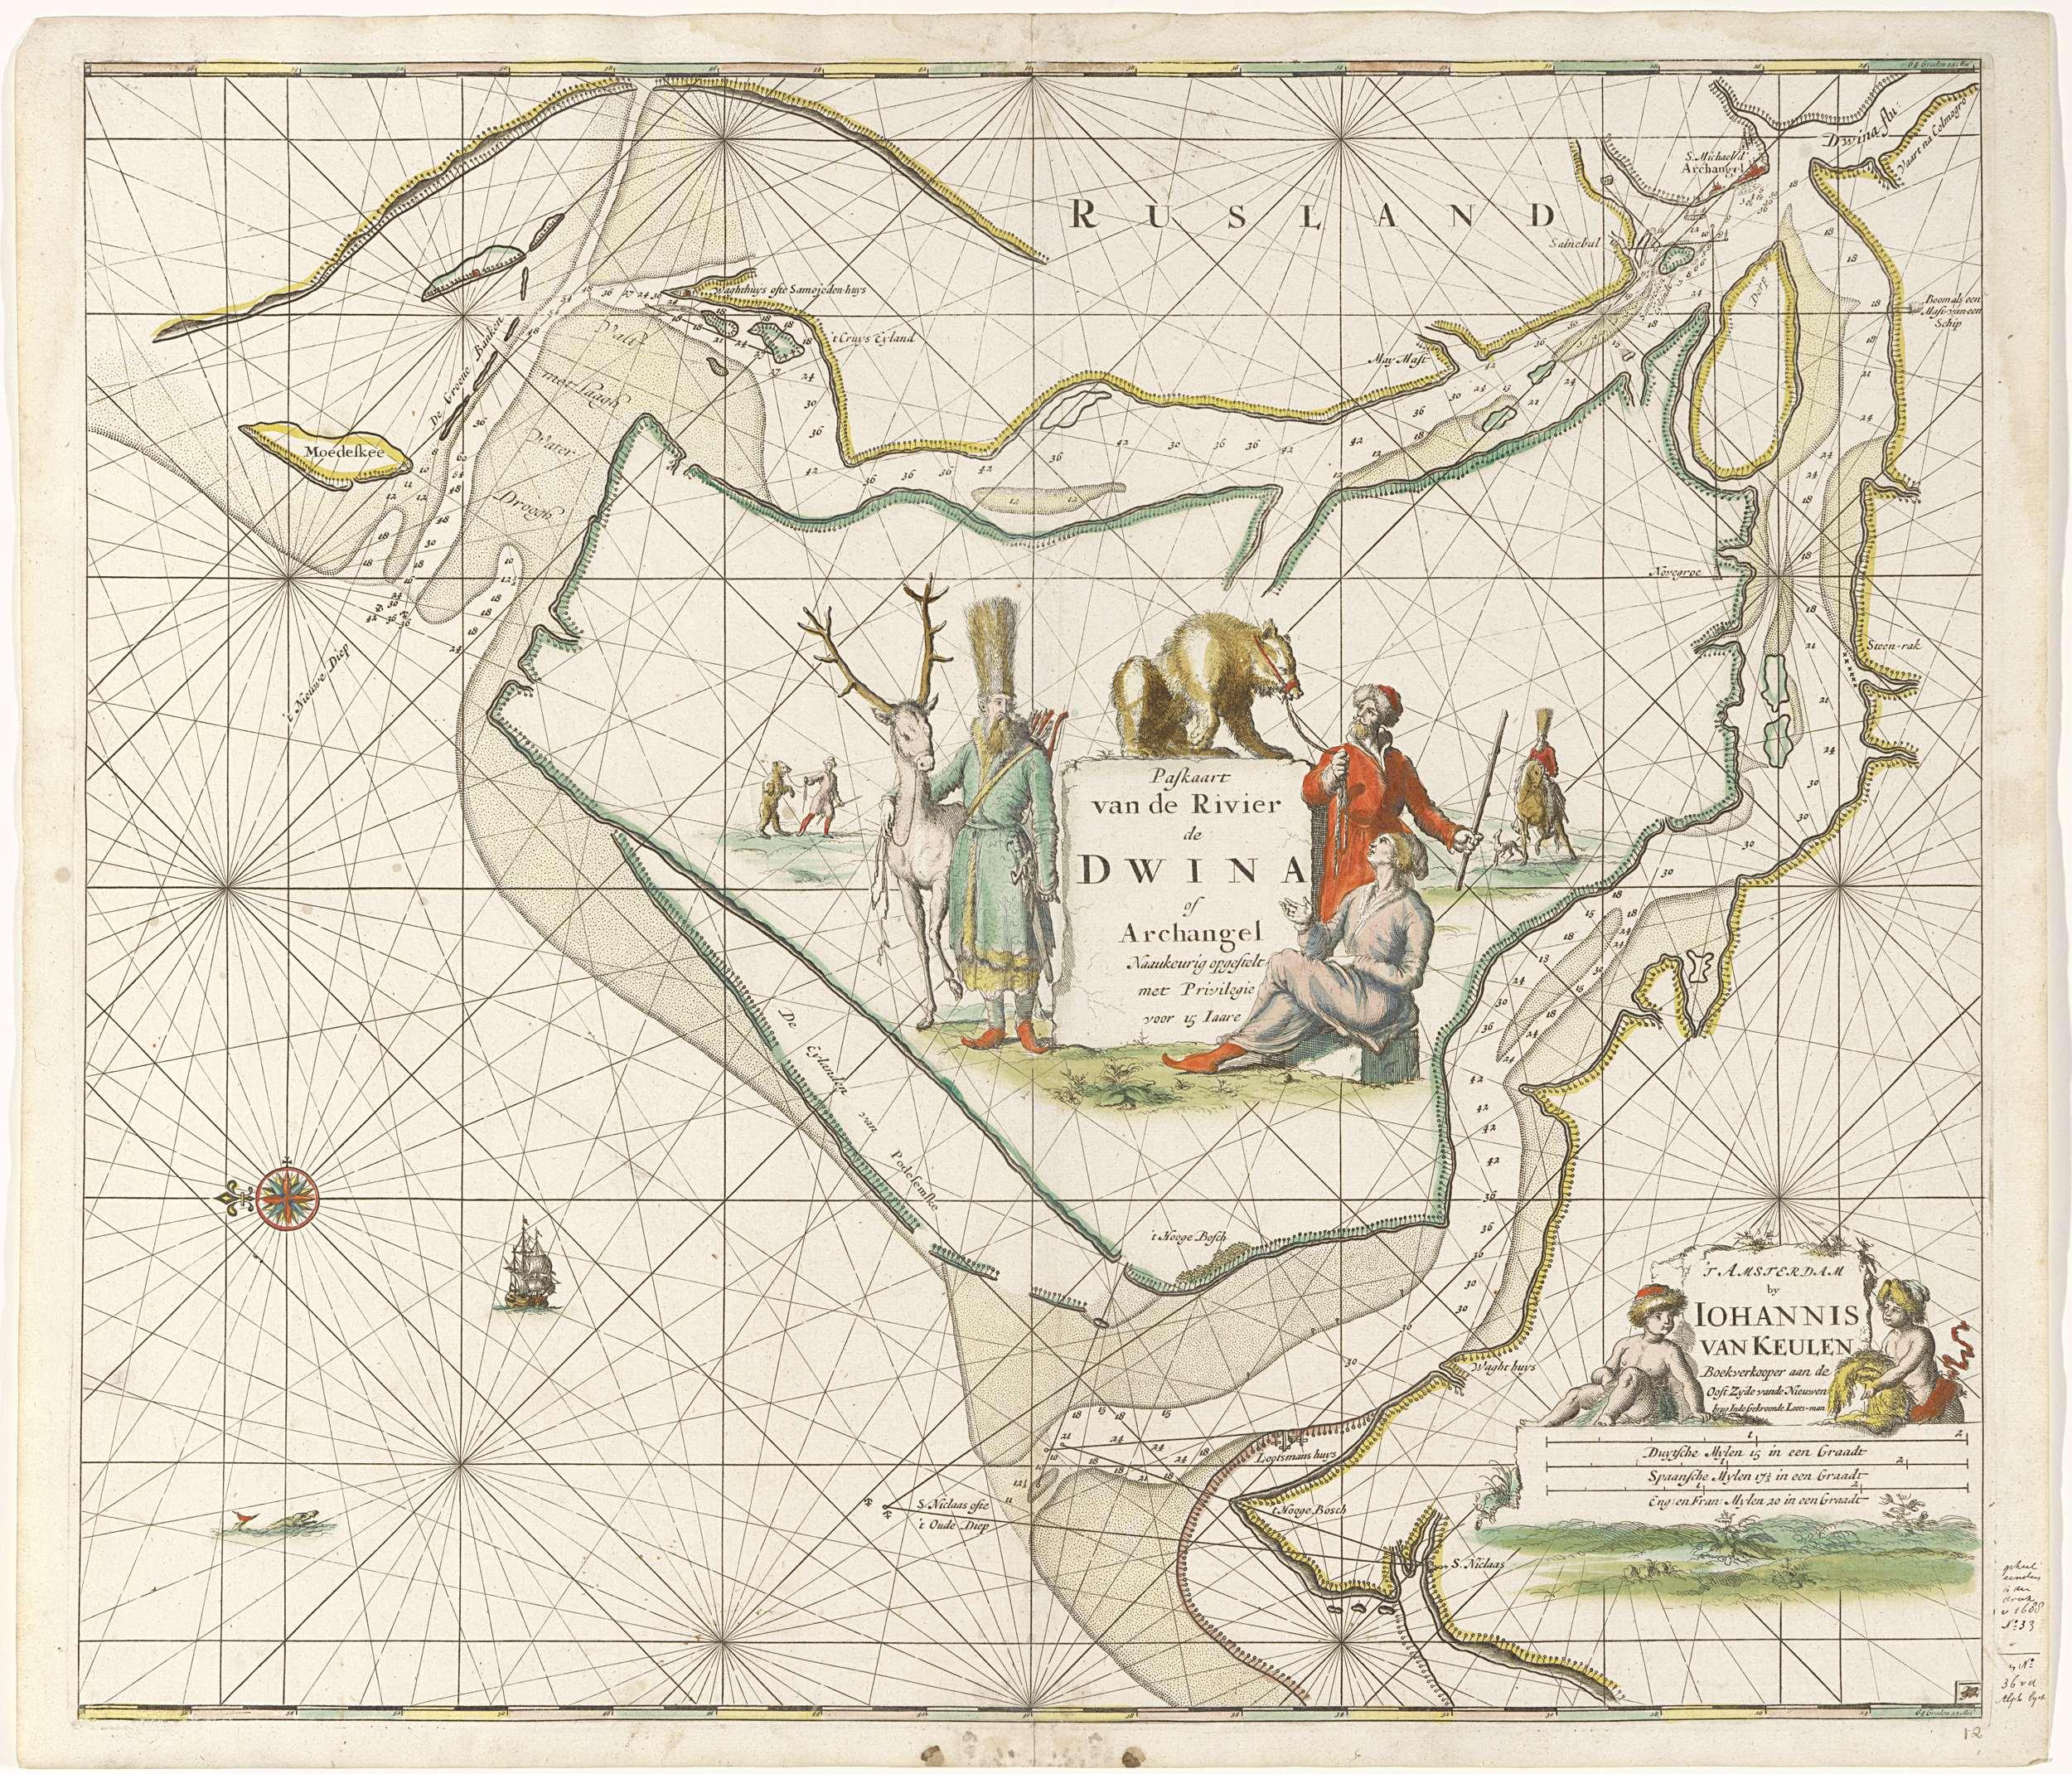 Paskaart van de omgeving rondom Archangel (rechtsboven op de kaart).